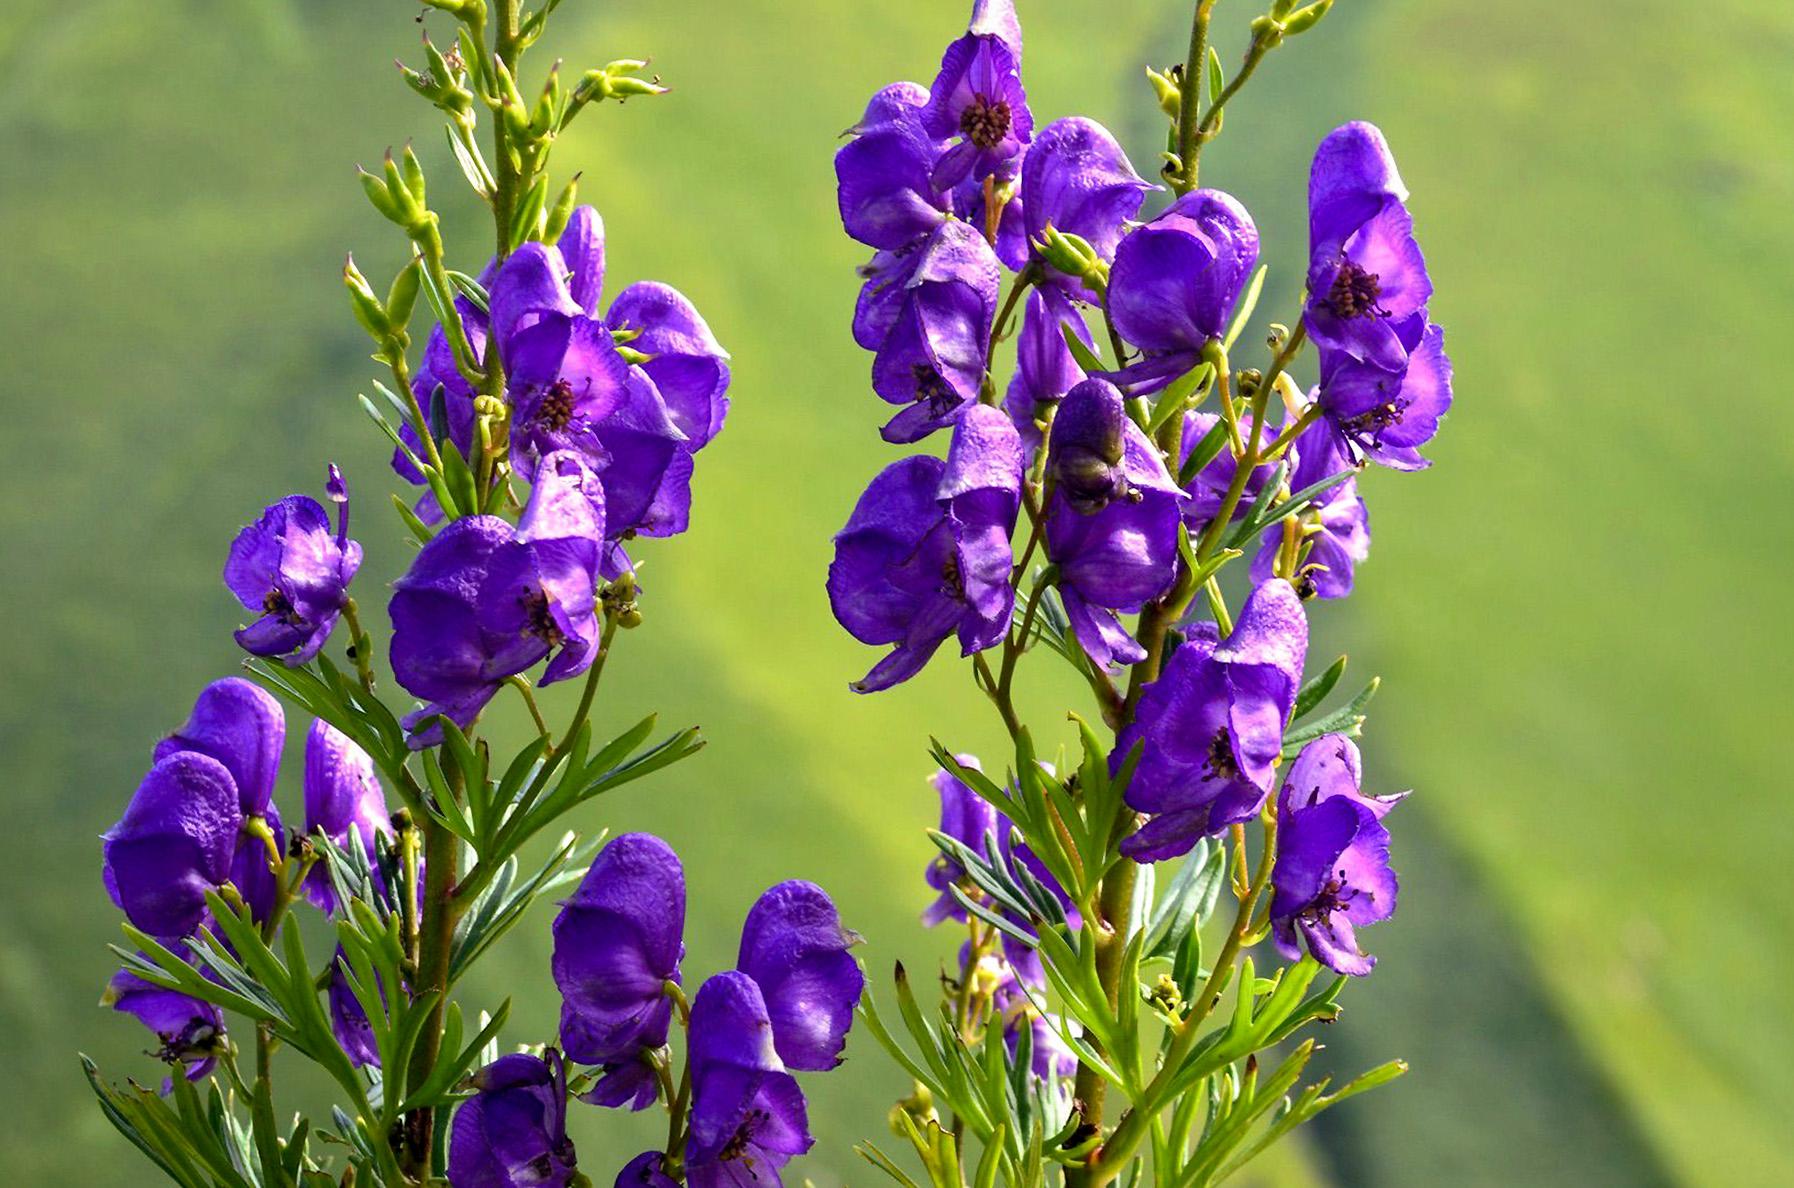 Gėlė kurpelė